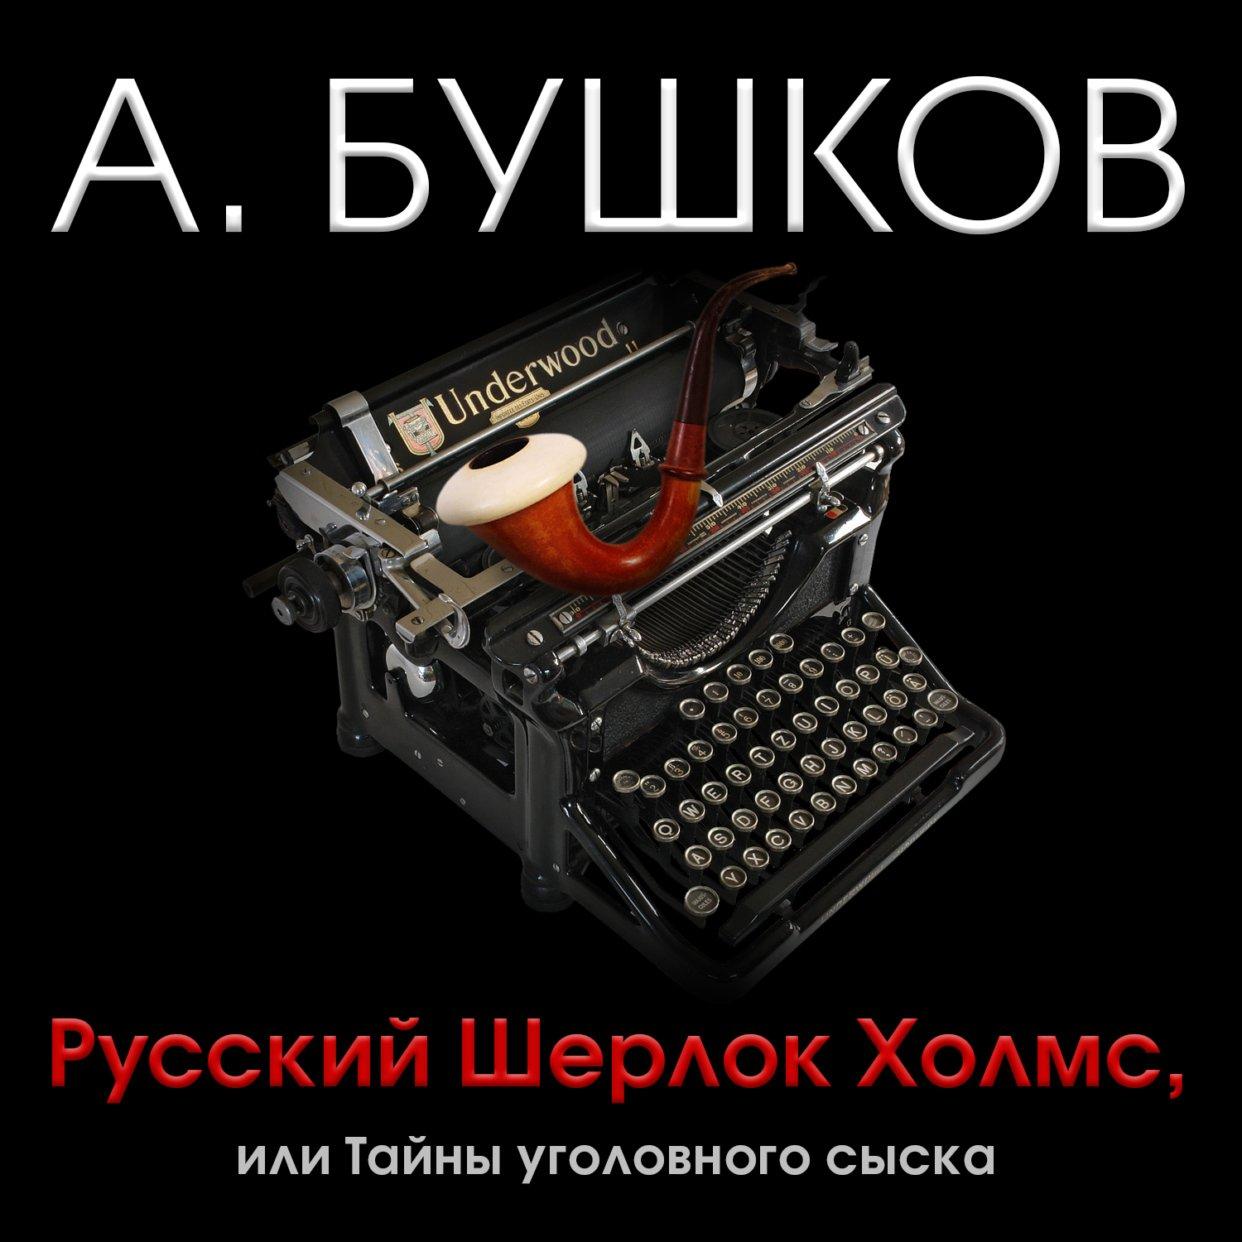 Русский Шерлок Холмс, или Тайны уголовного сыска